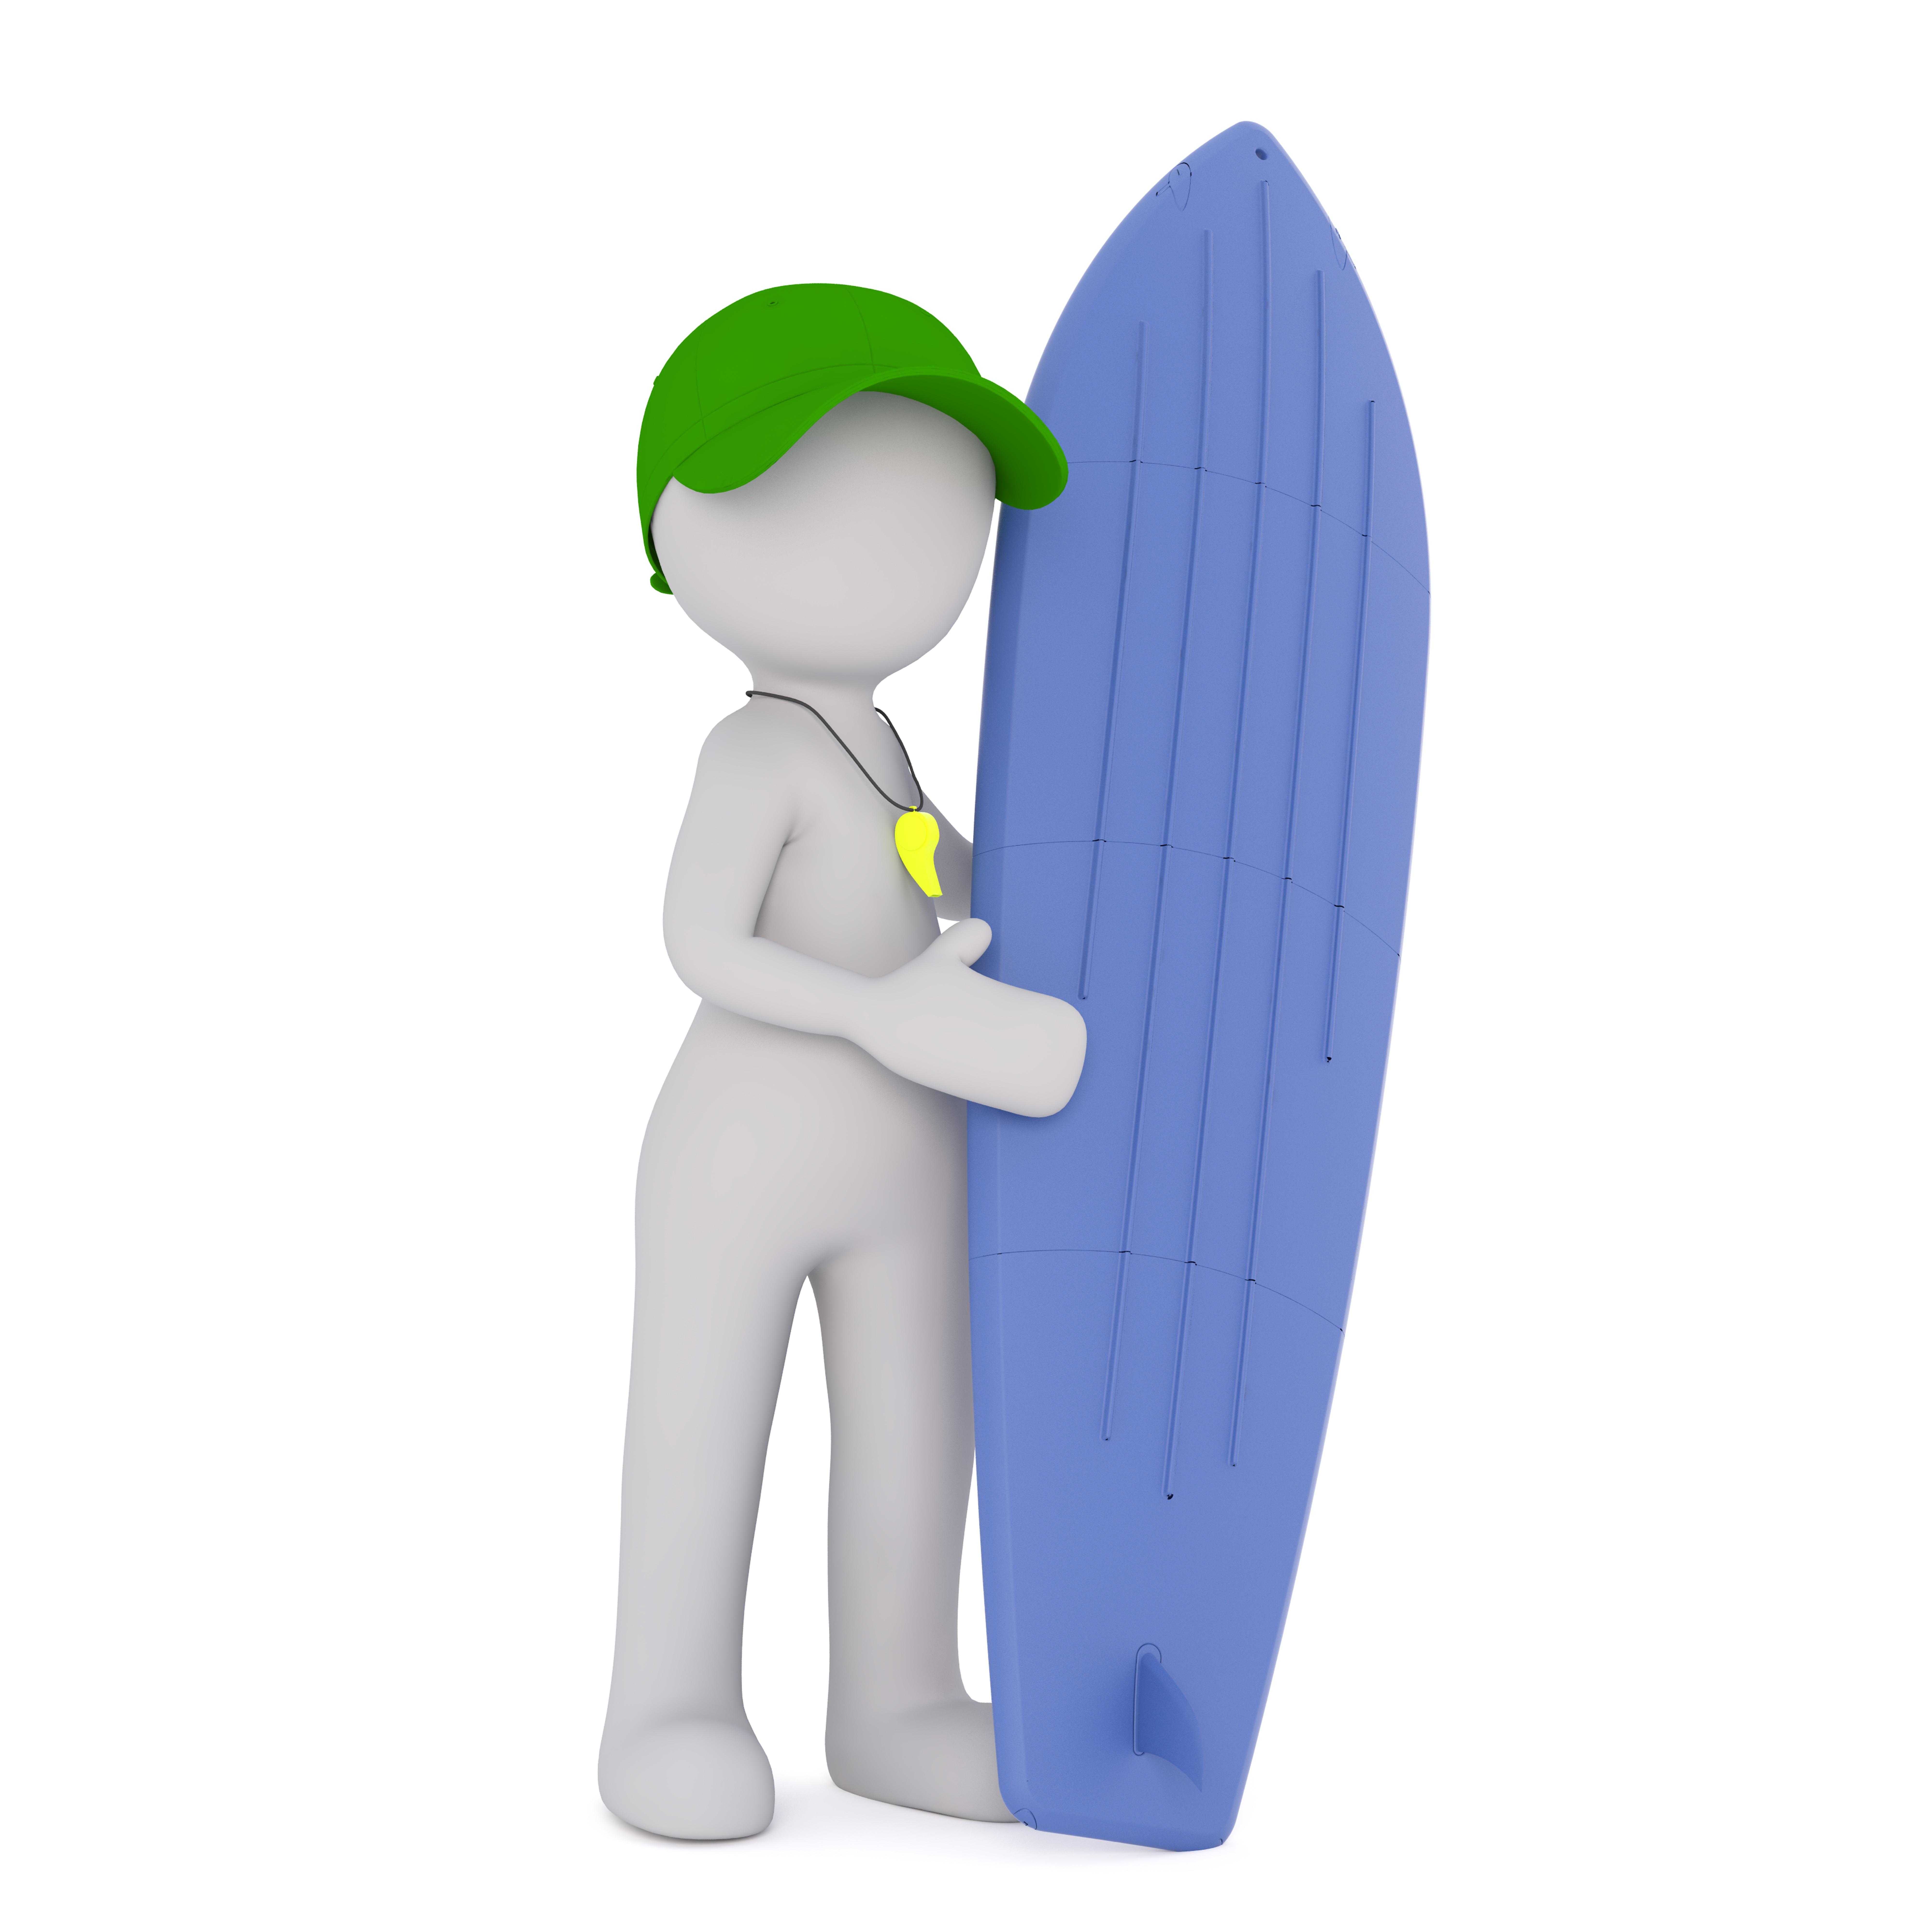 Gambar Tangan Naik Terpencil Surfer Model Jari Papan Luncur